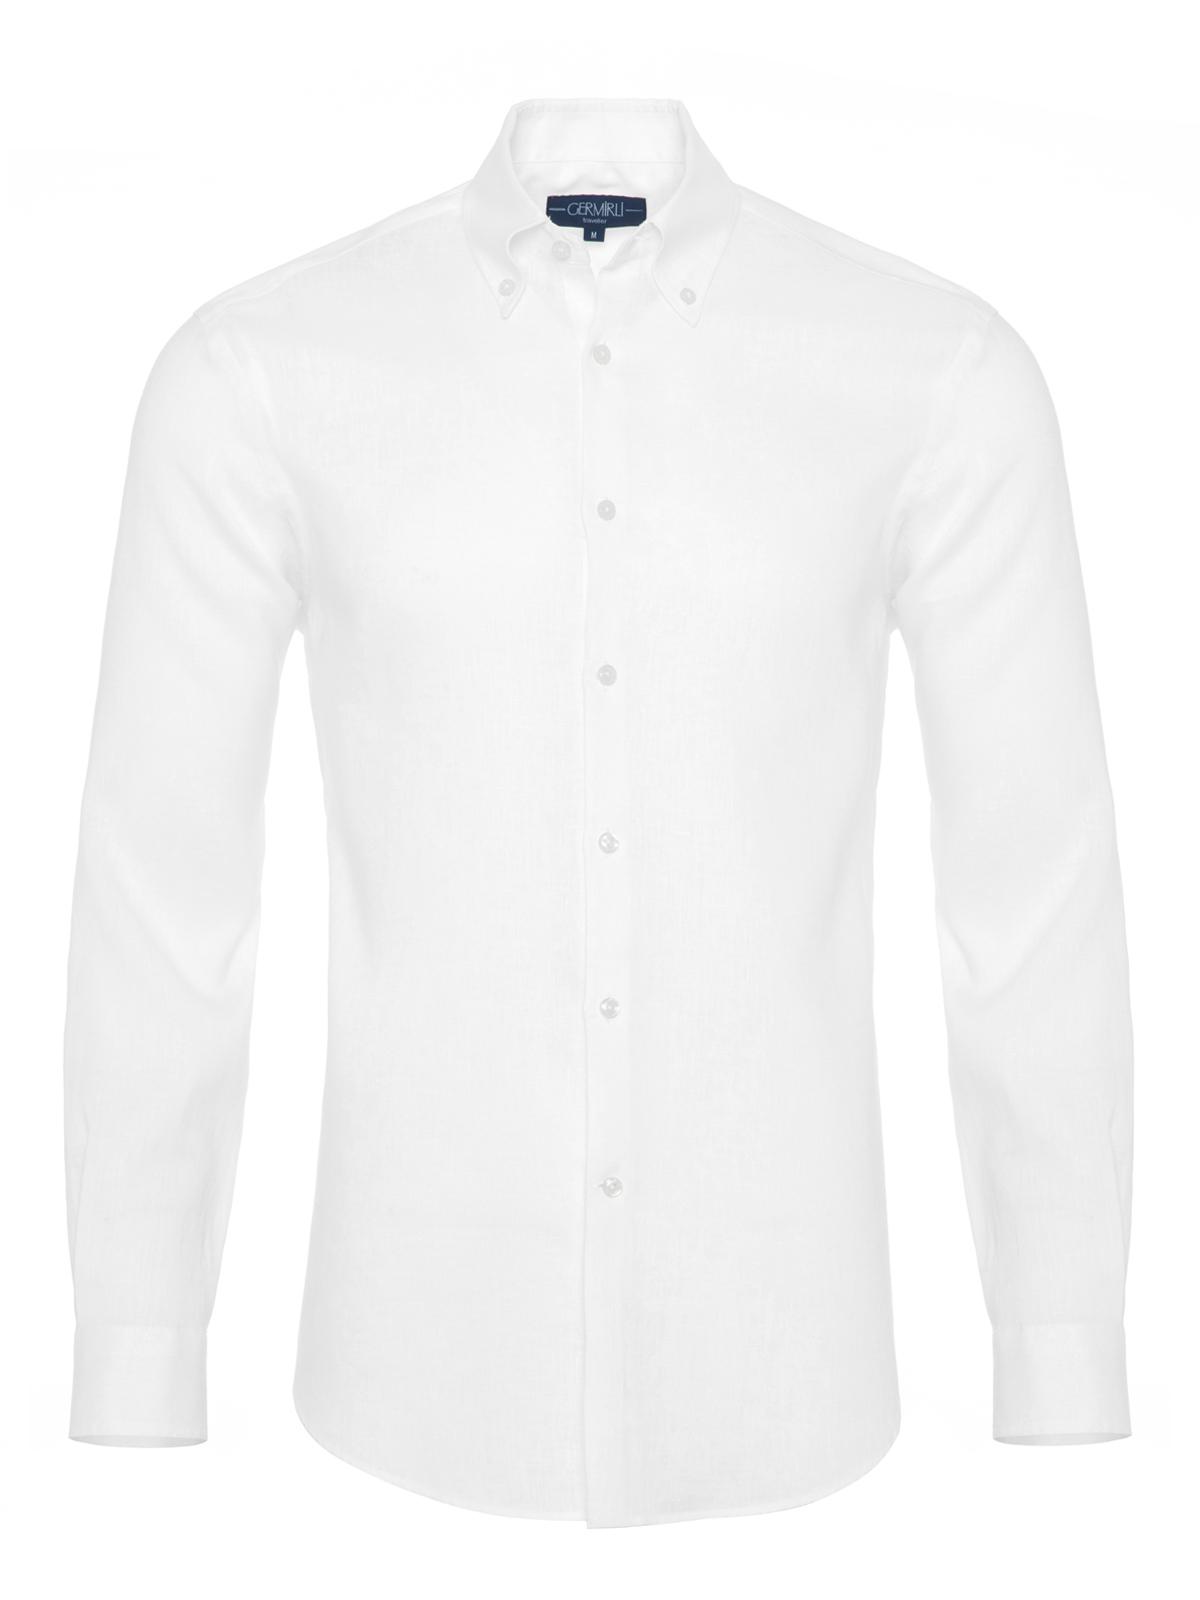 Germirli - Germirli Non Iron Beyaz Keten Düğmeli Yaka Tailor Fit Journey Gömlek